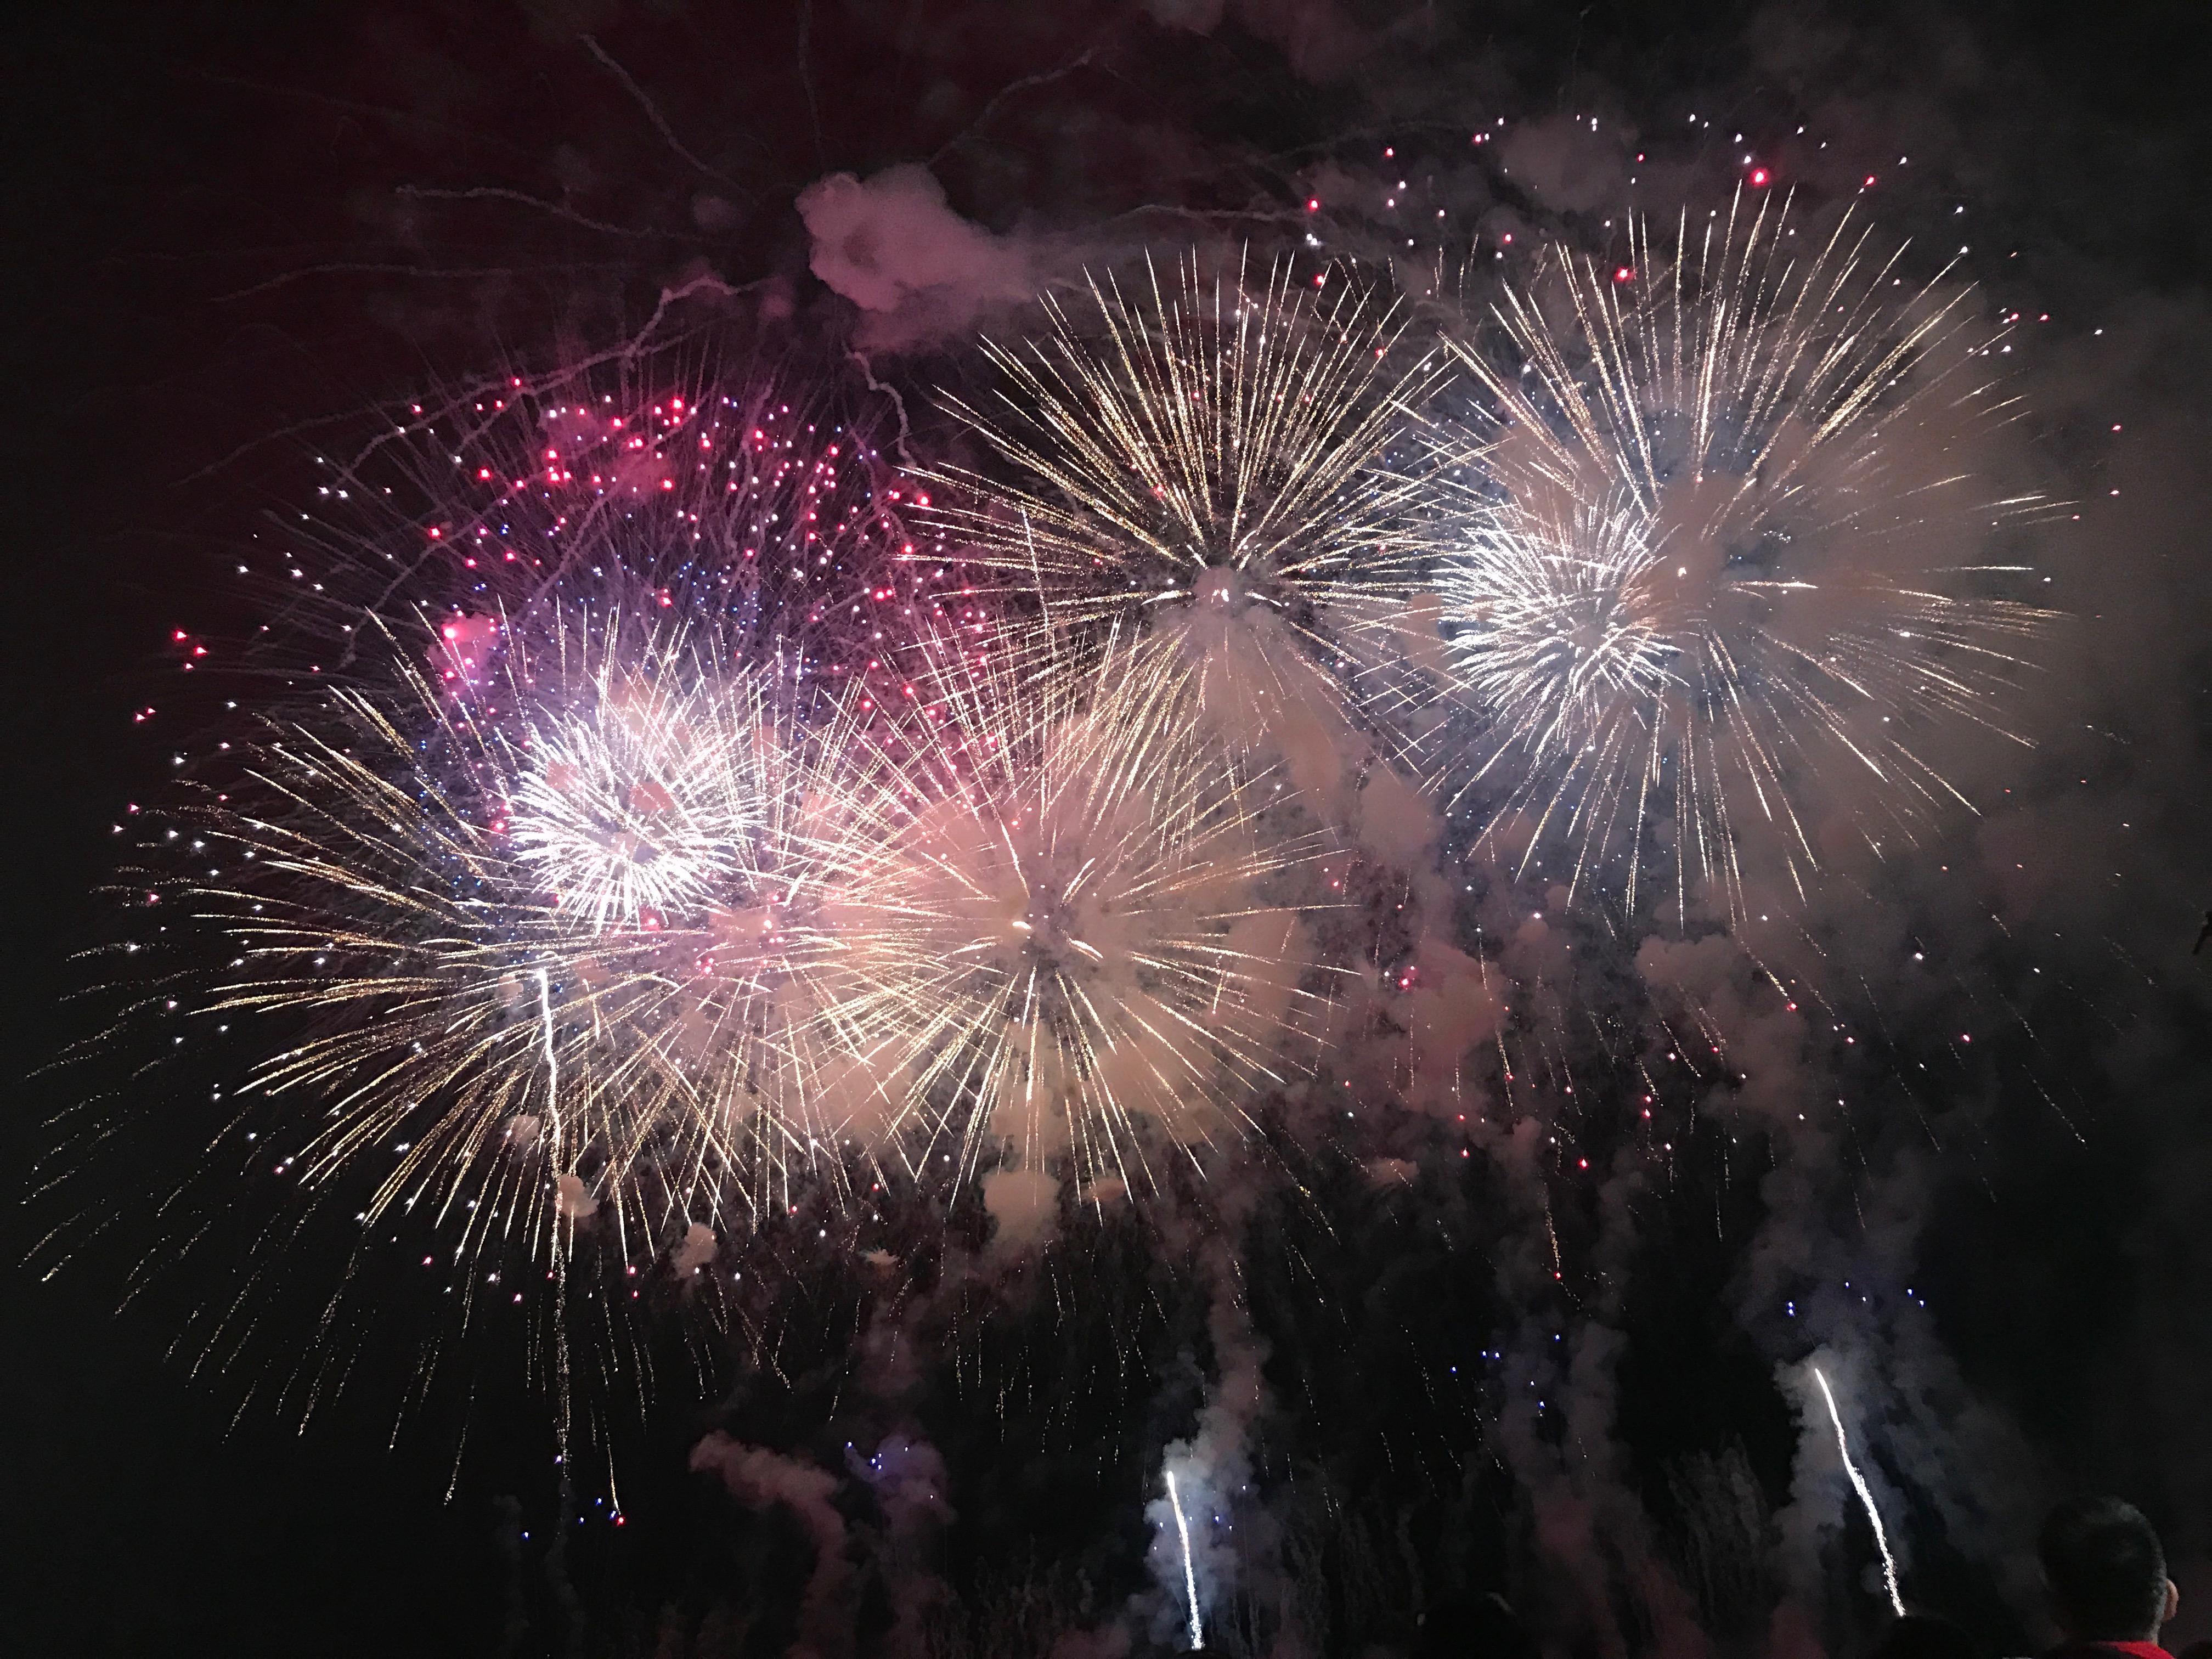 熊谷花火大会の打ち上げ花火の画像